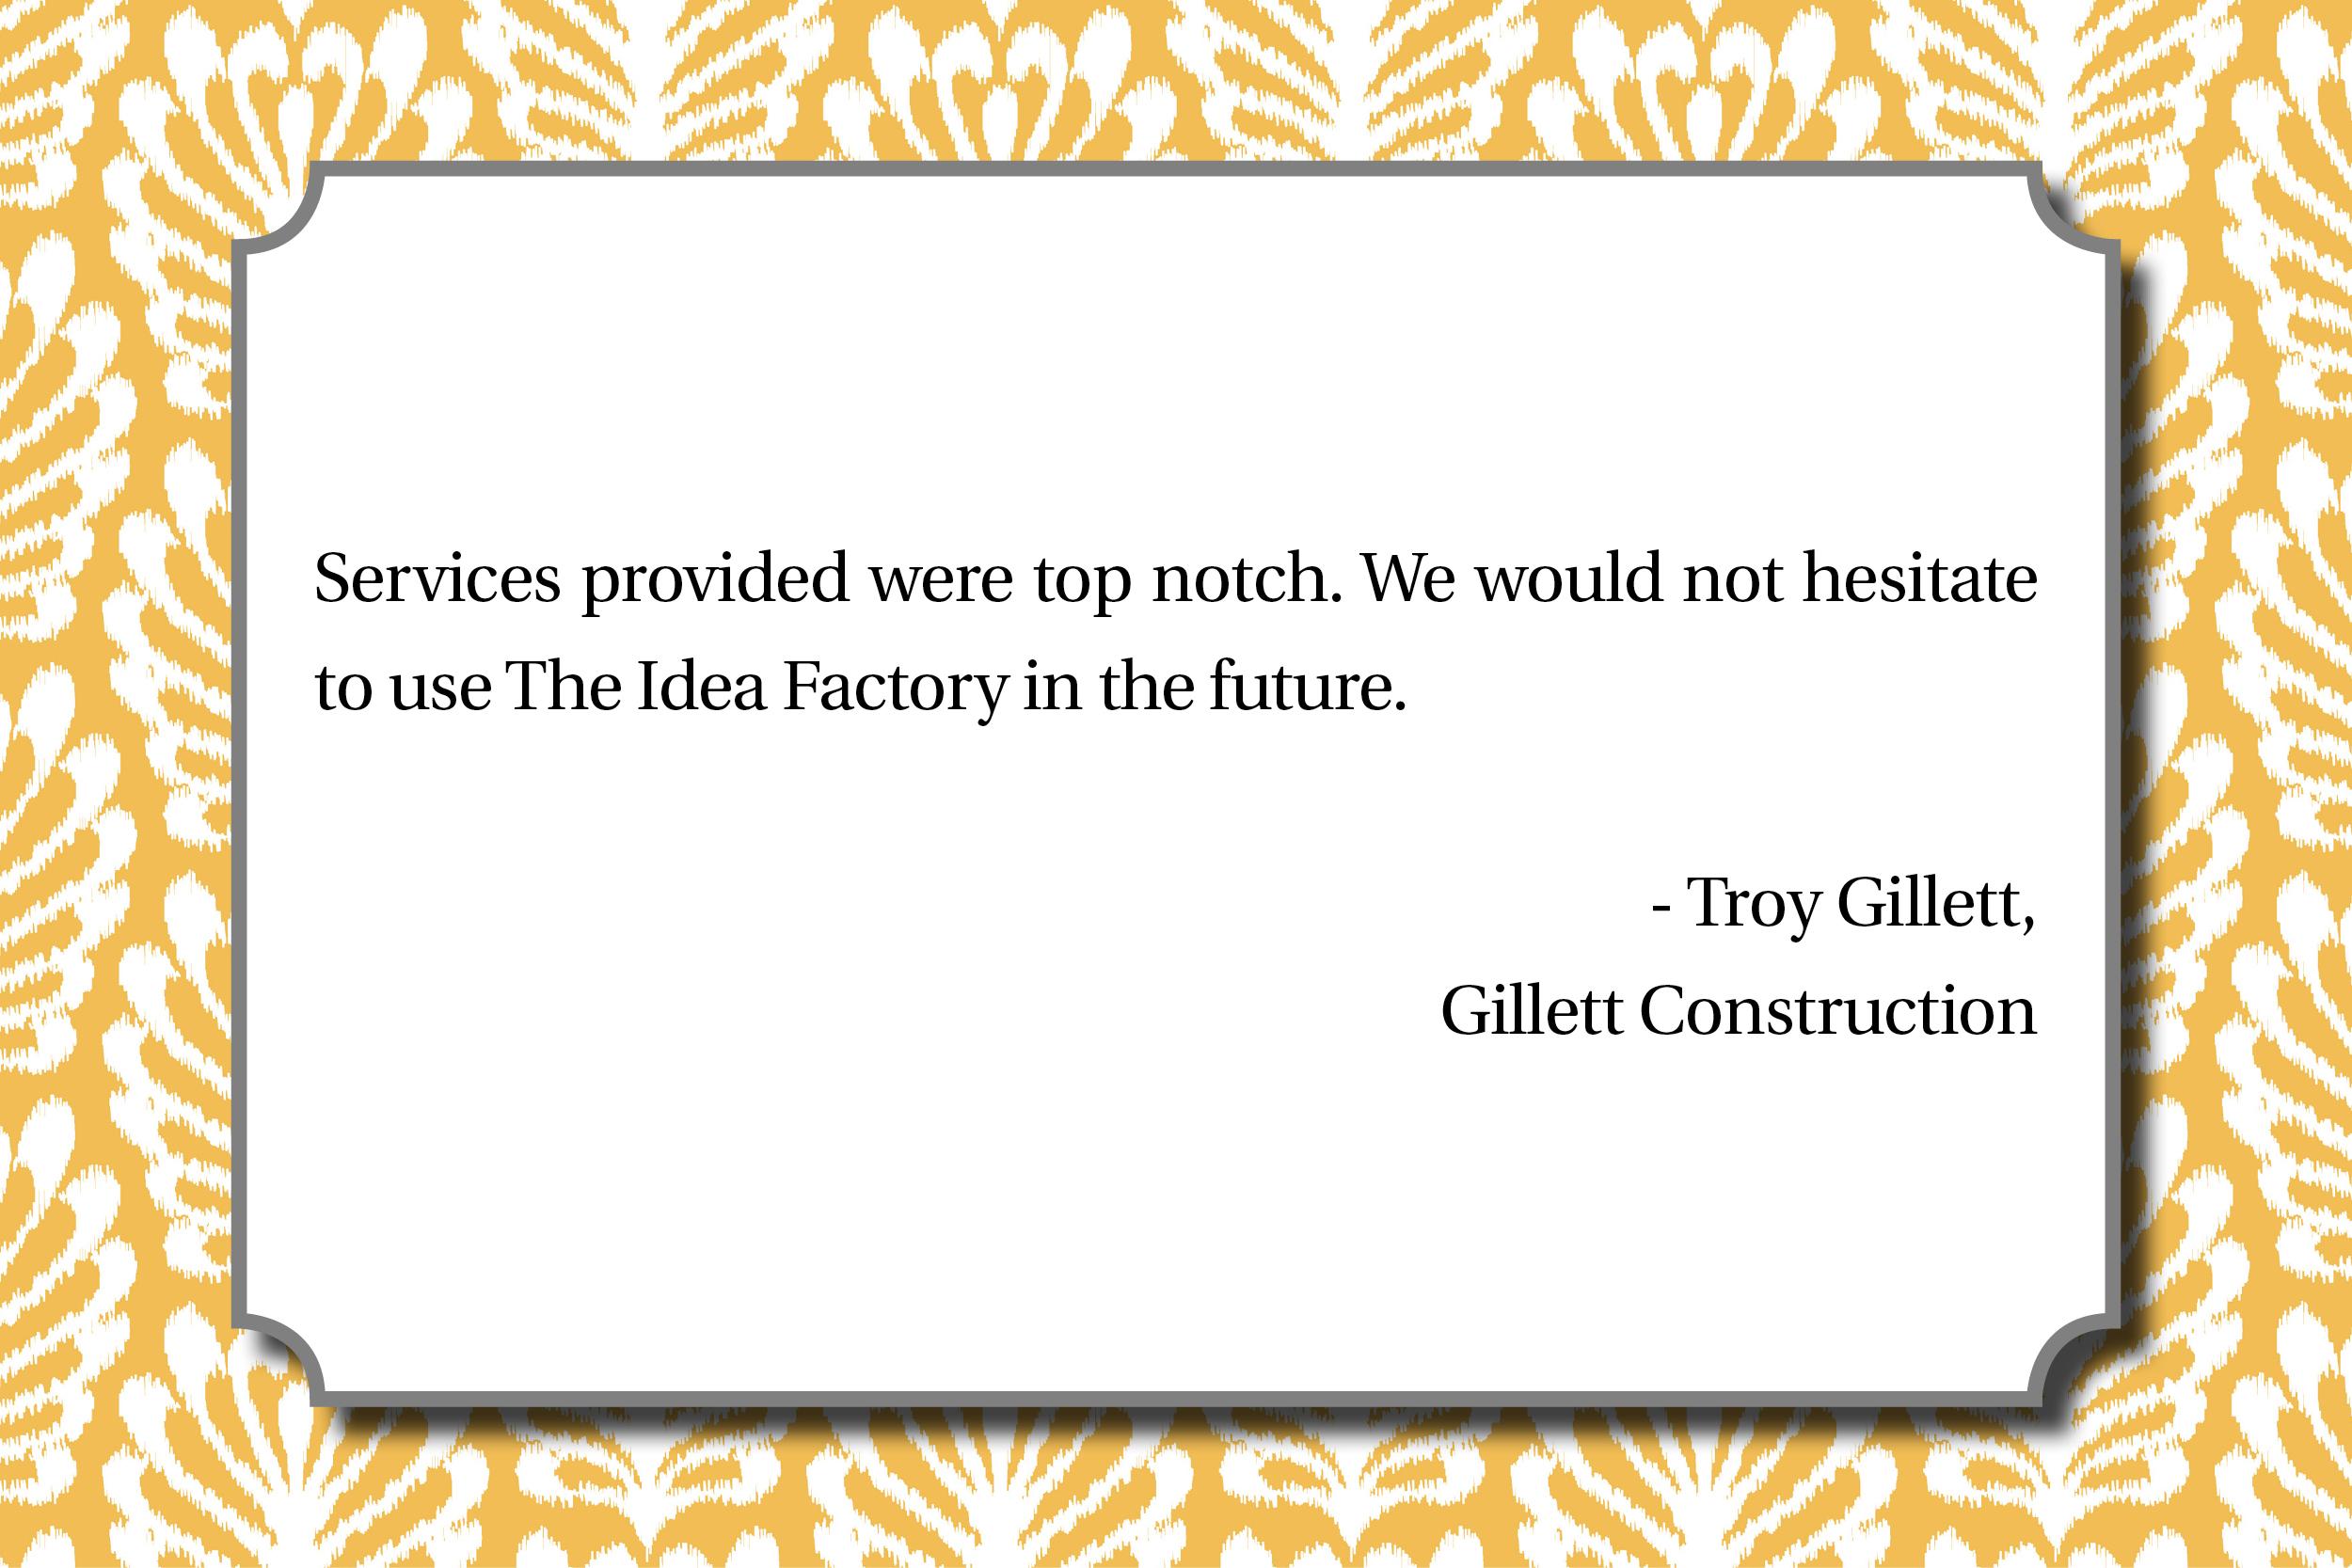 Gillett Construction - Troy Gillett